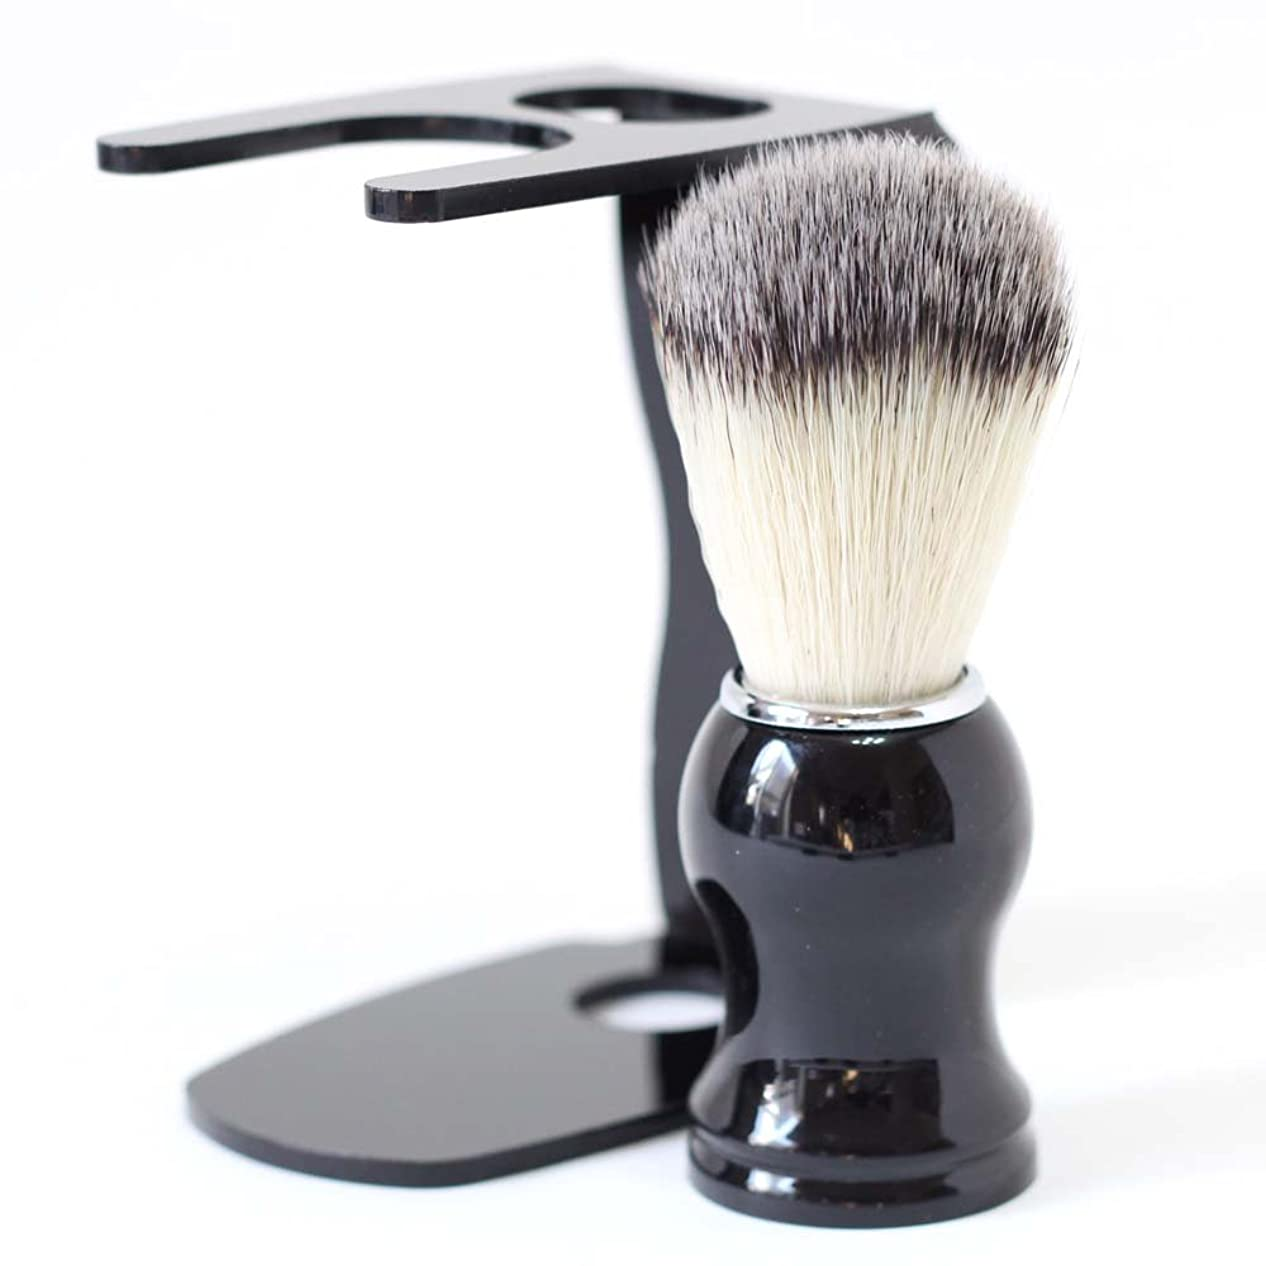 マニアック疎外するブロー【Barsado】泡立ちが違う 100% アナグマ 毛 シェービング ブラシ スタンド付き/理容 洗顔 髭剃り マッサージ 効果